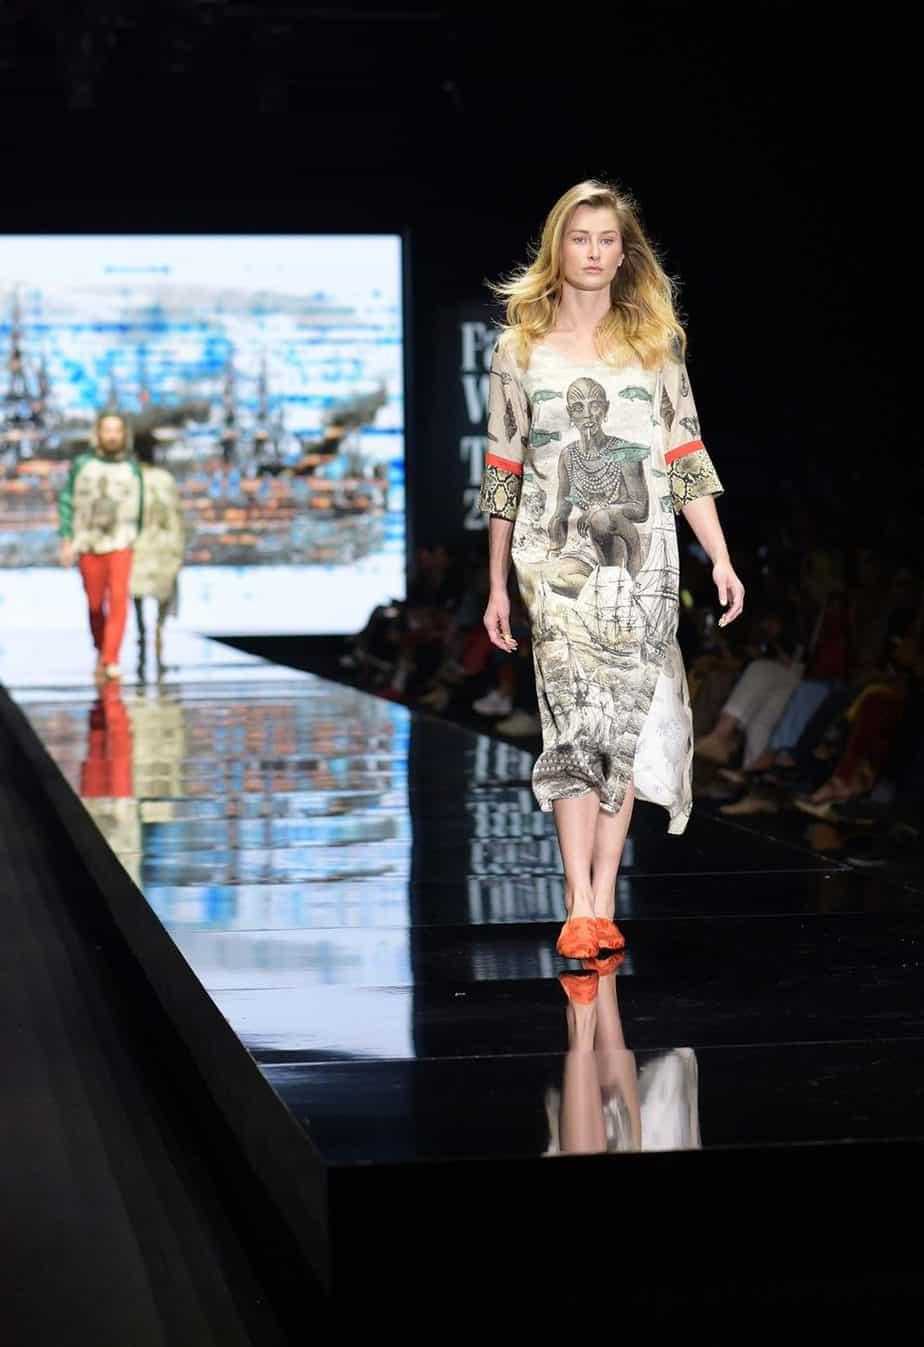 לארה רוסנובסקי, שבוע האופנה תל אביב 2019, צילום סרג'ו סטרודובצב - 11